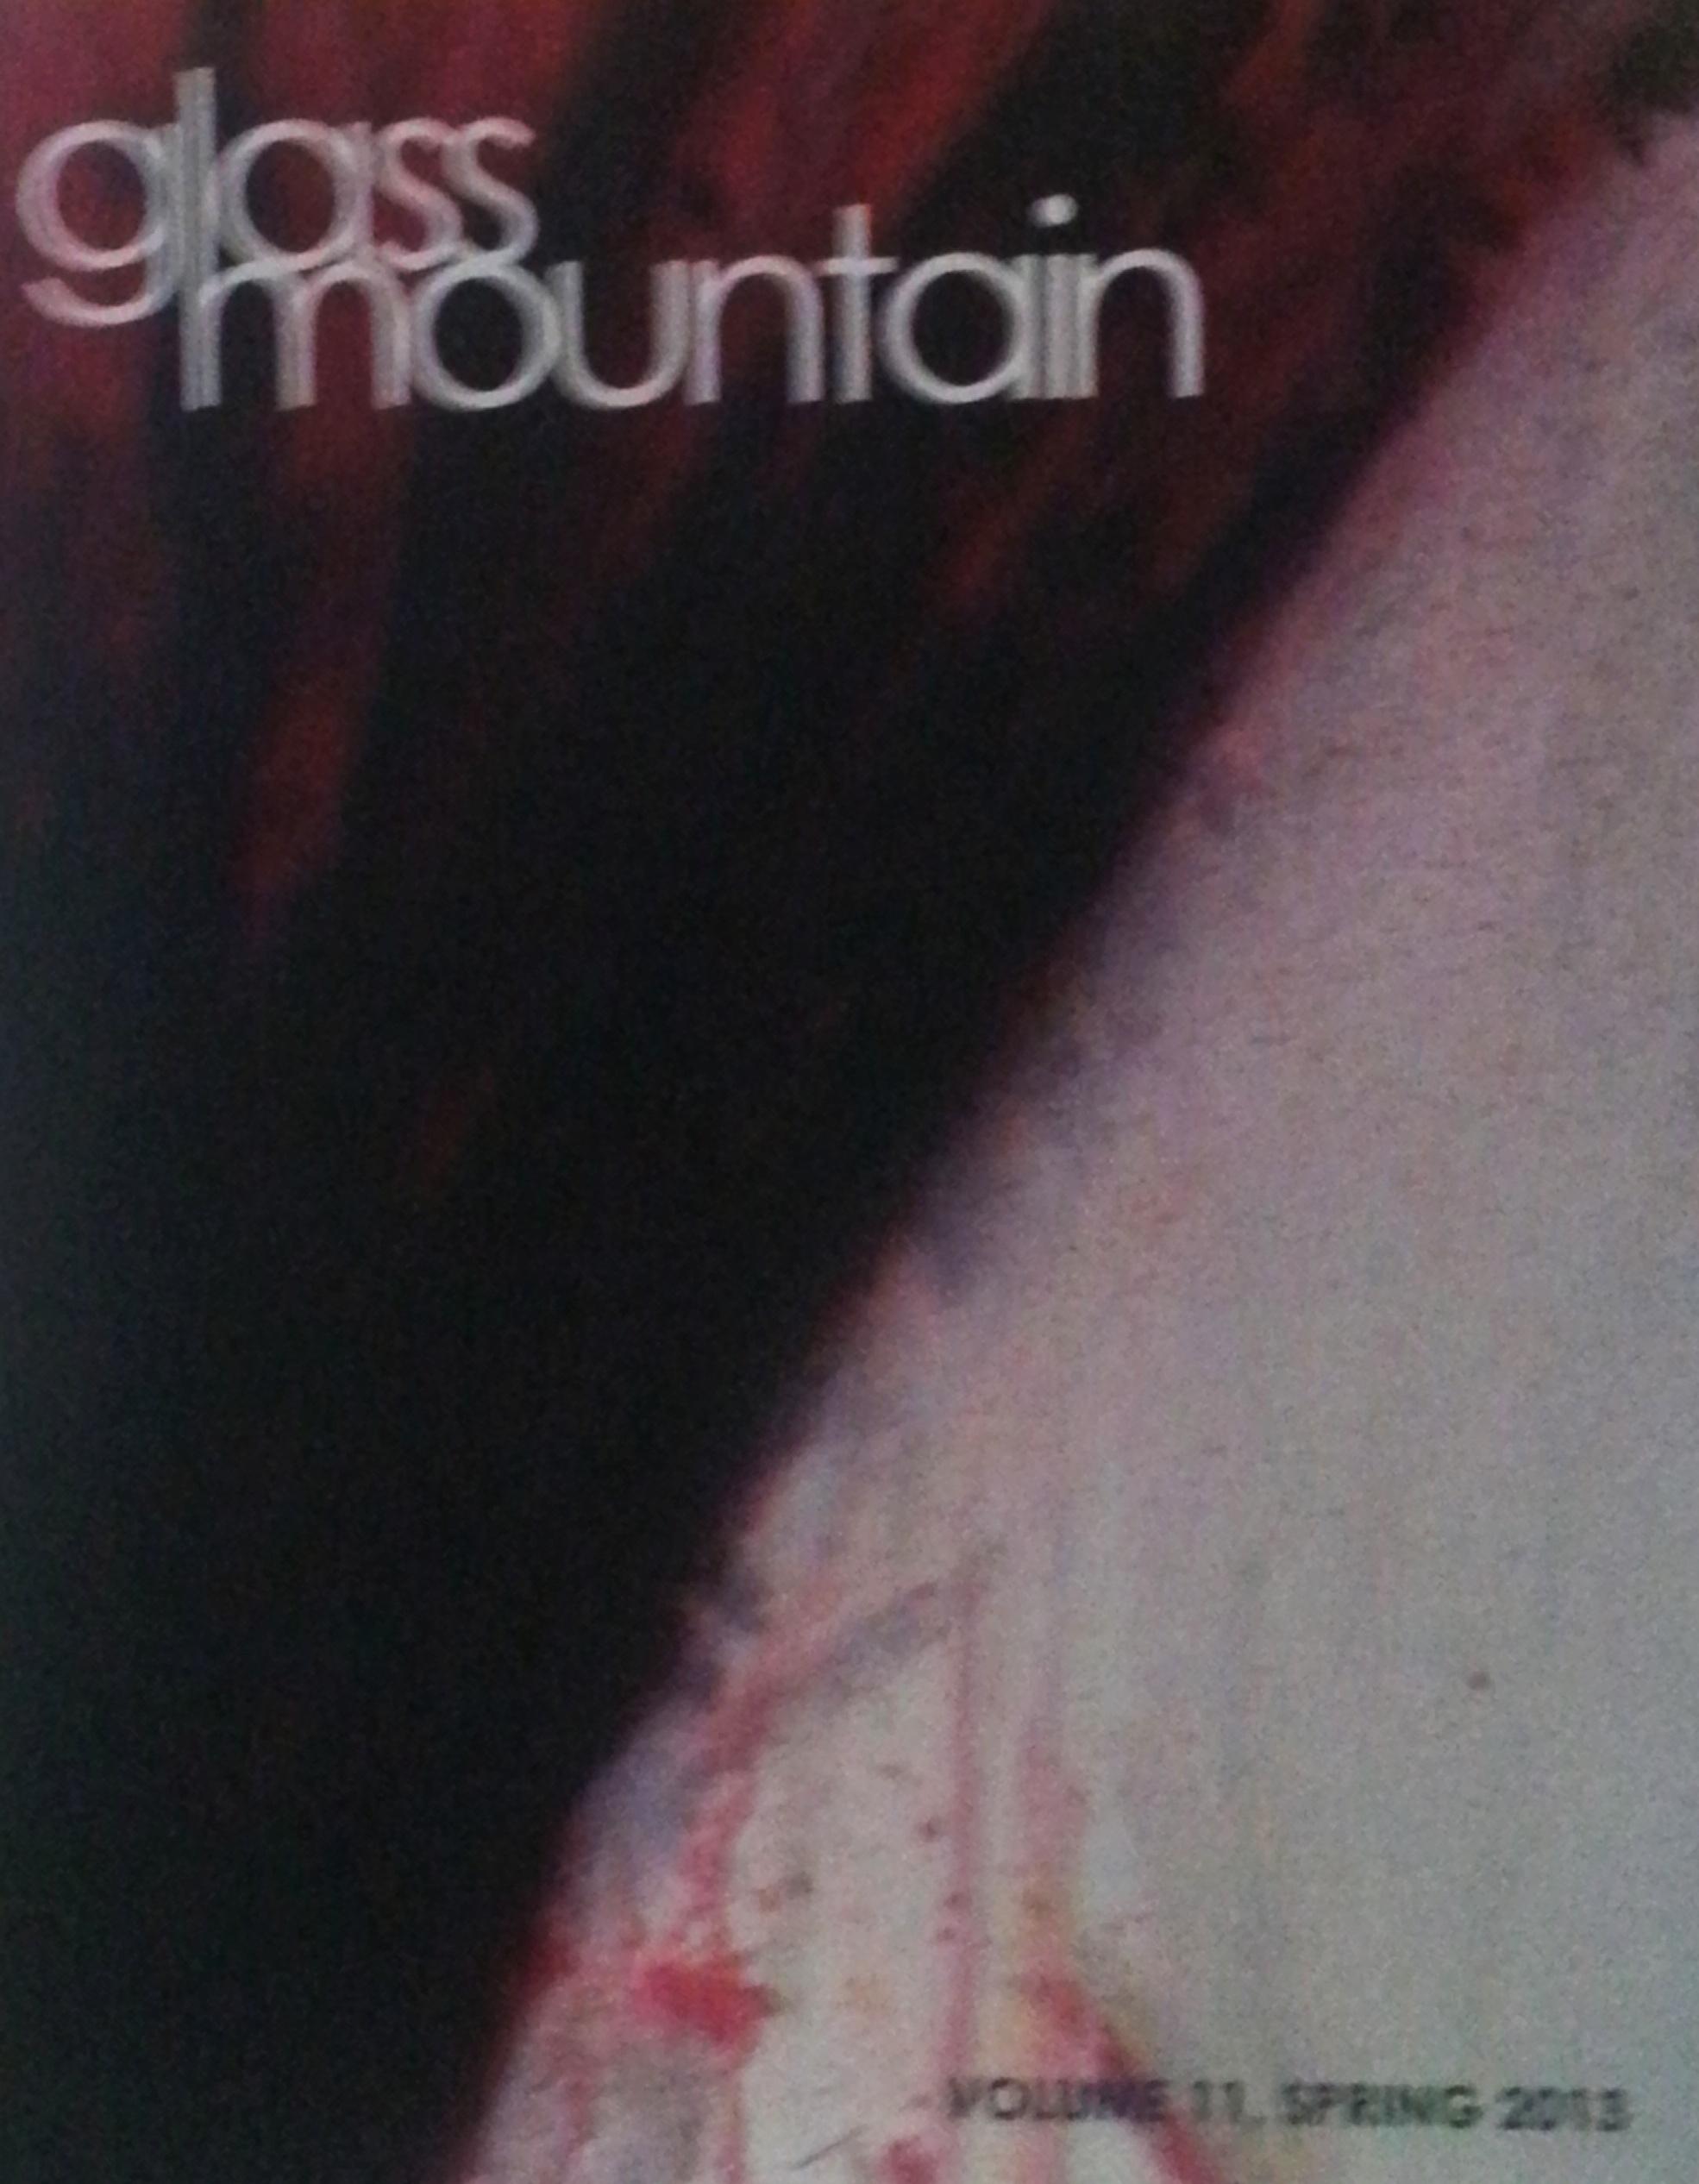 Glass Mountain Magzine | Volume 11, Spring 2013